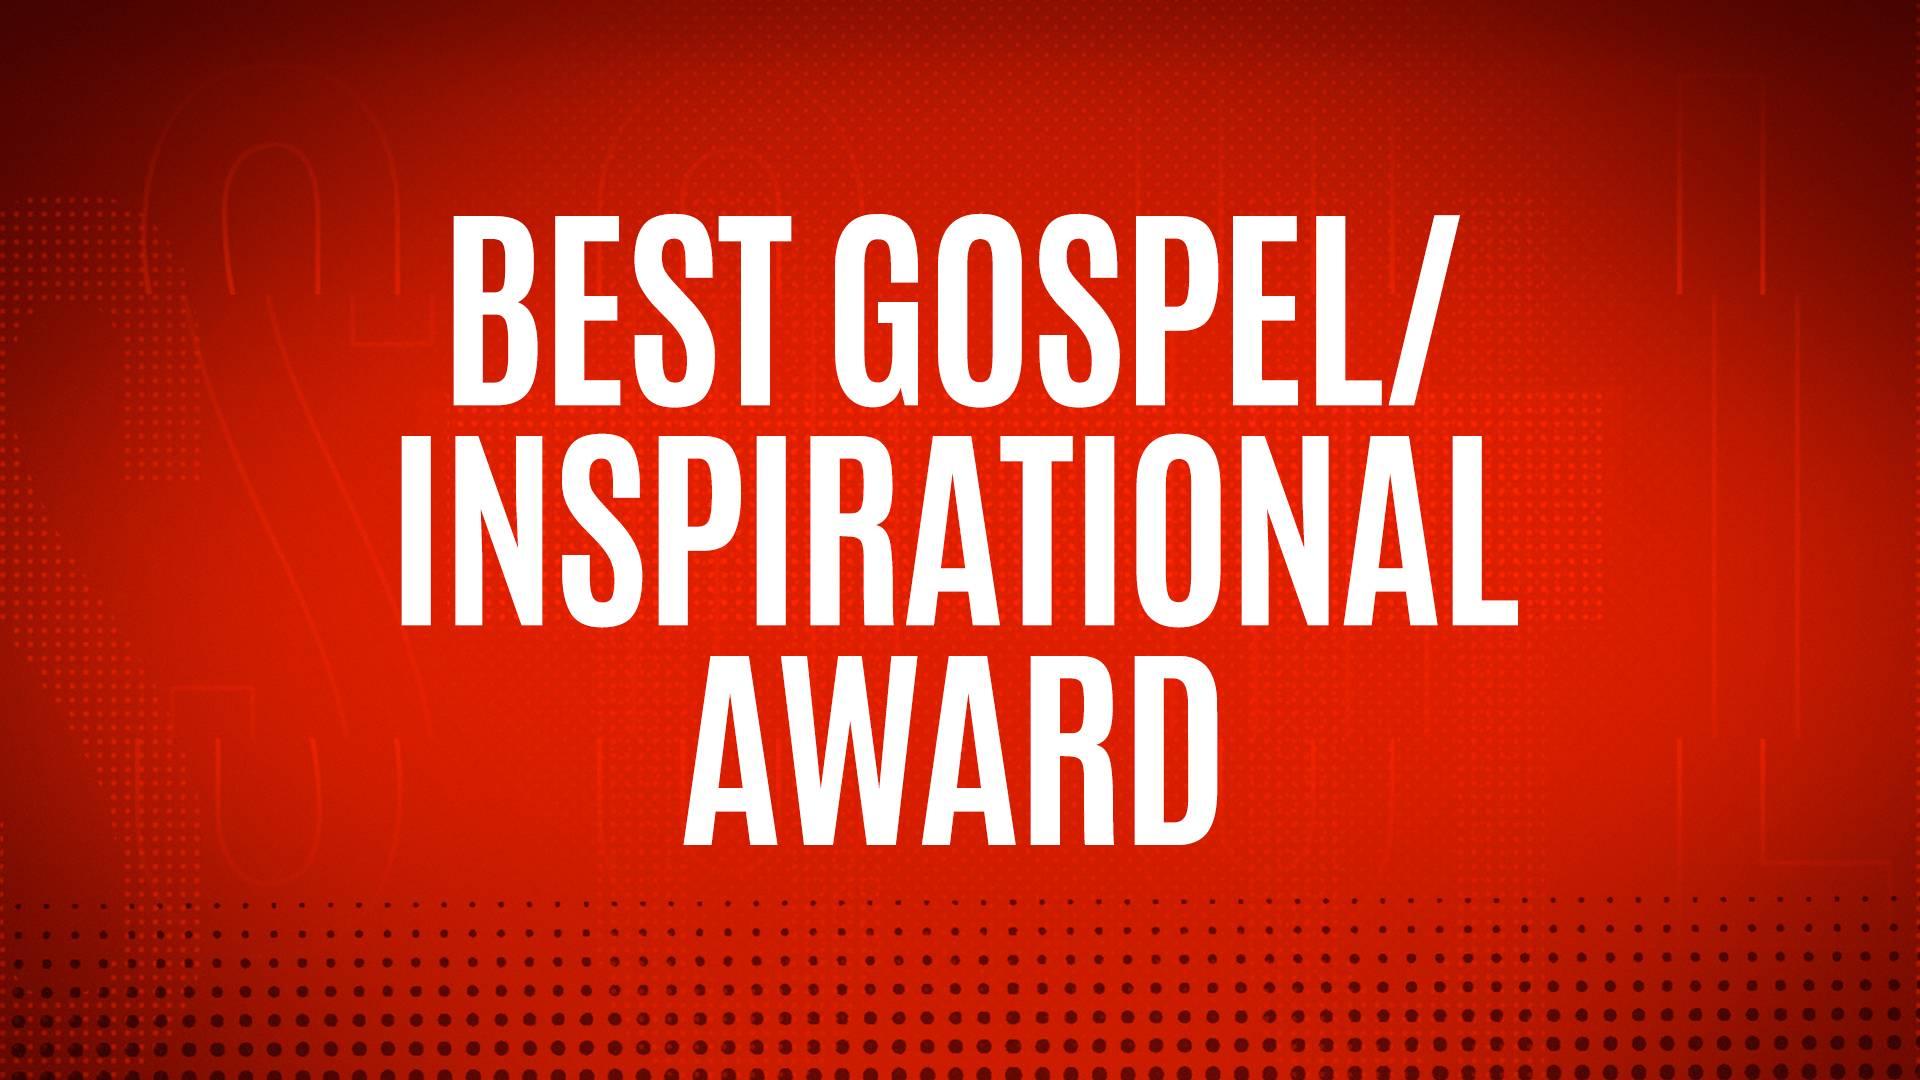 WINNER - BEST GOSPEL/INSPIRATIONAL AWARD